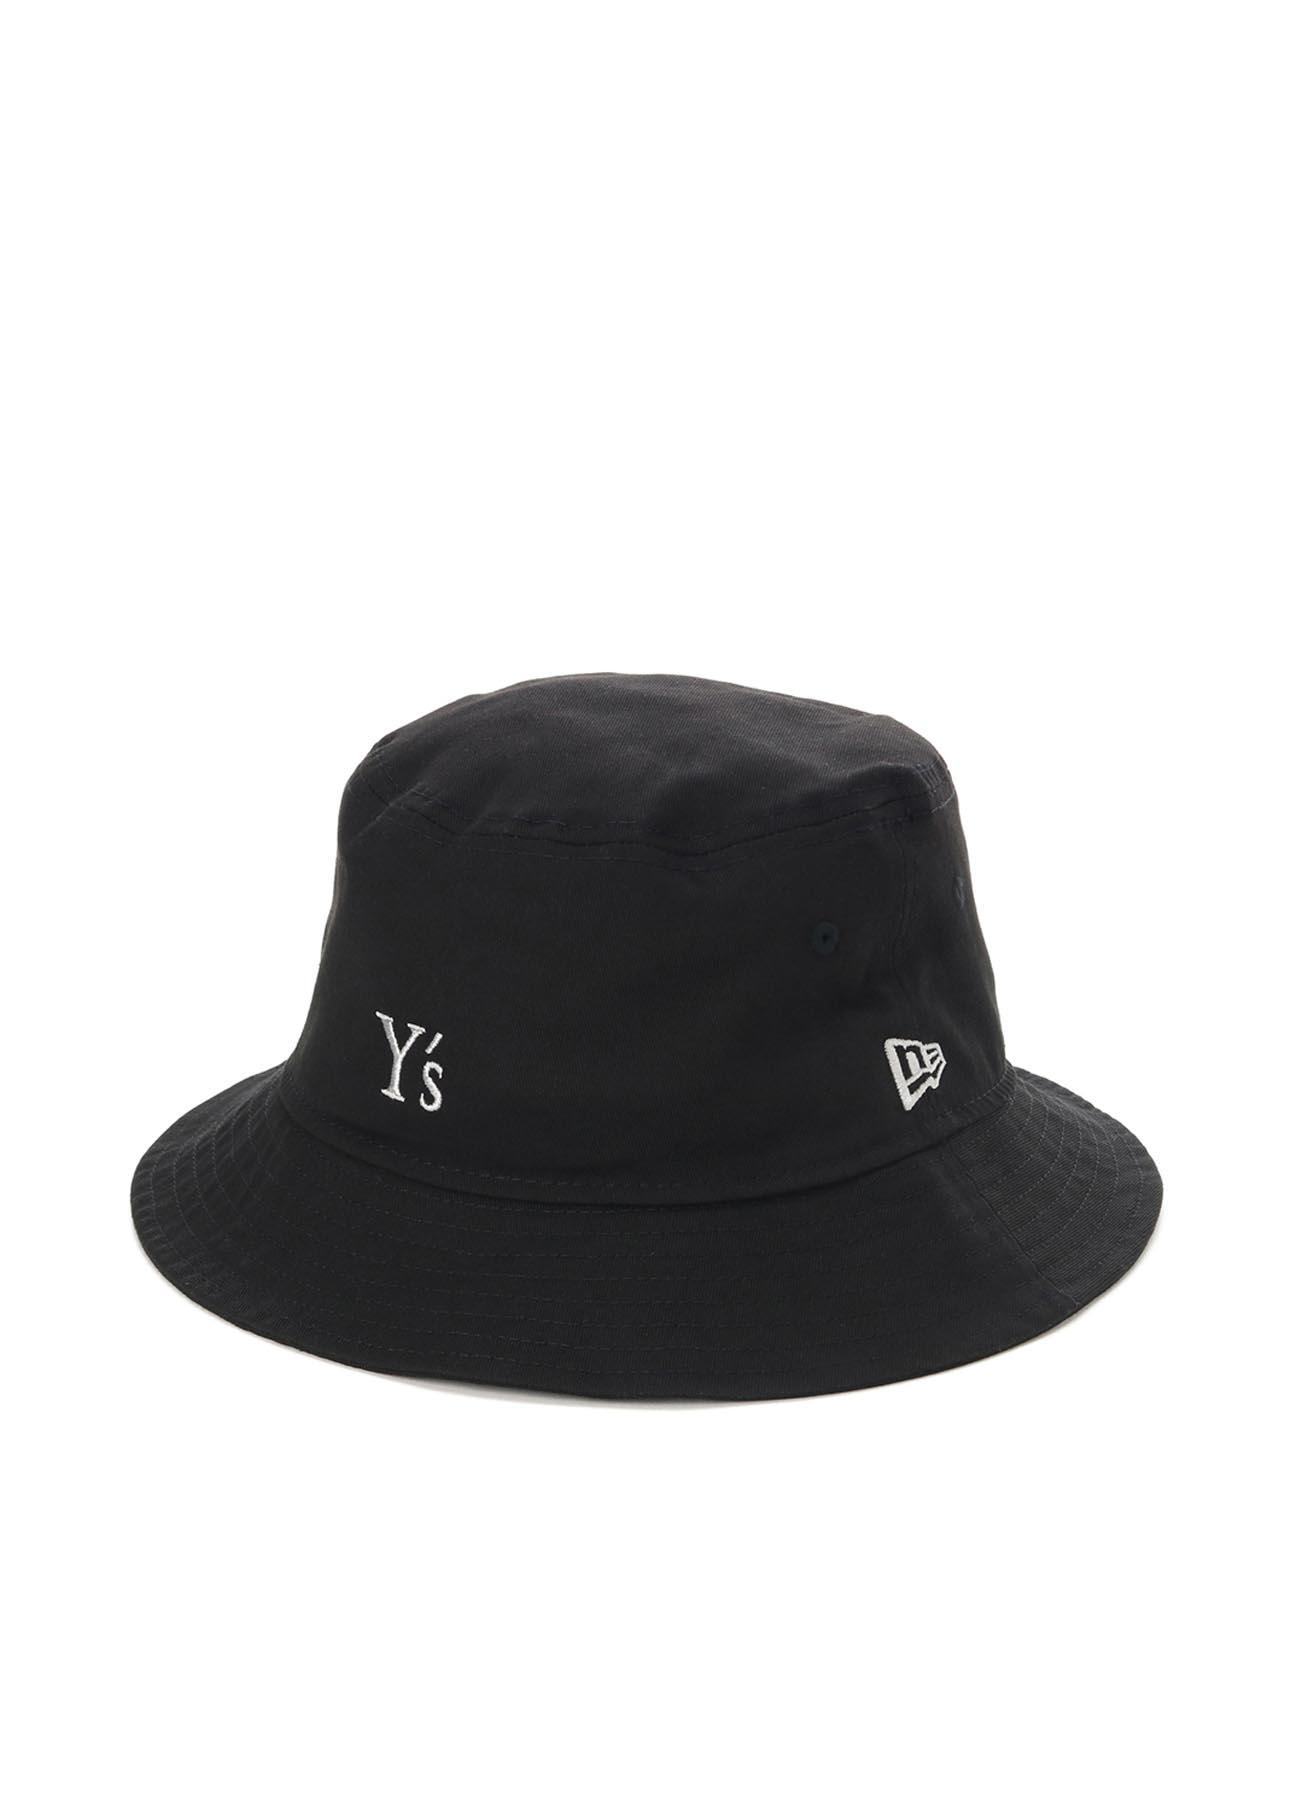 Y's × New Era Bucket-01